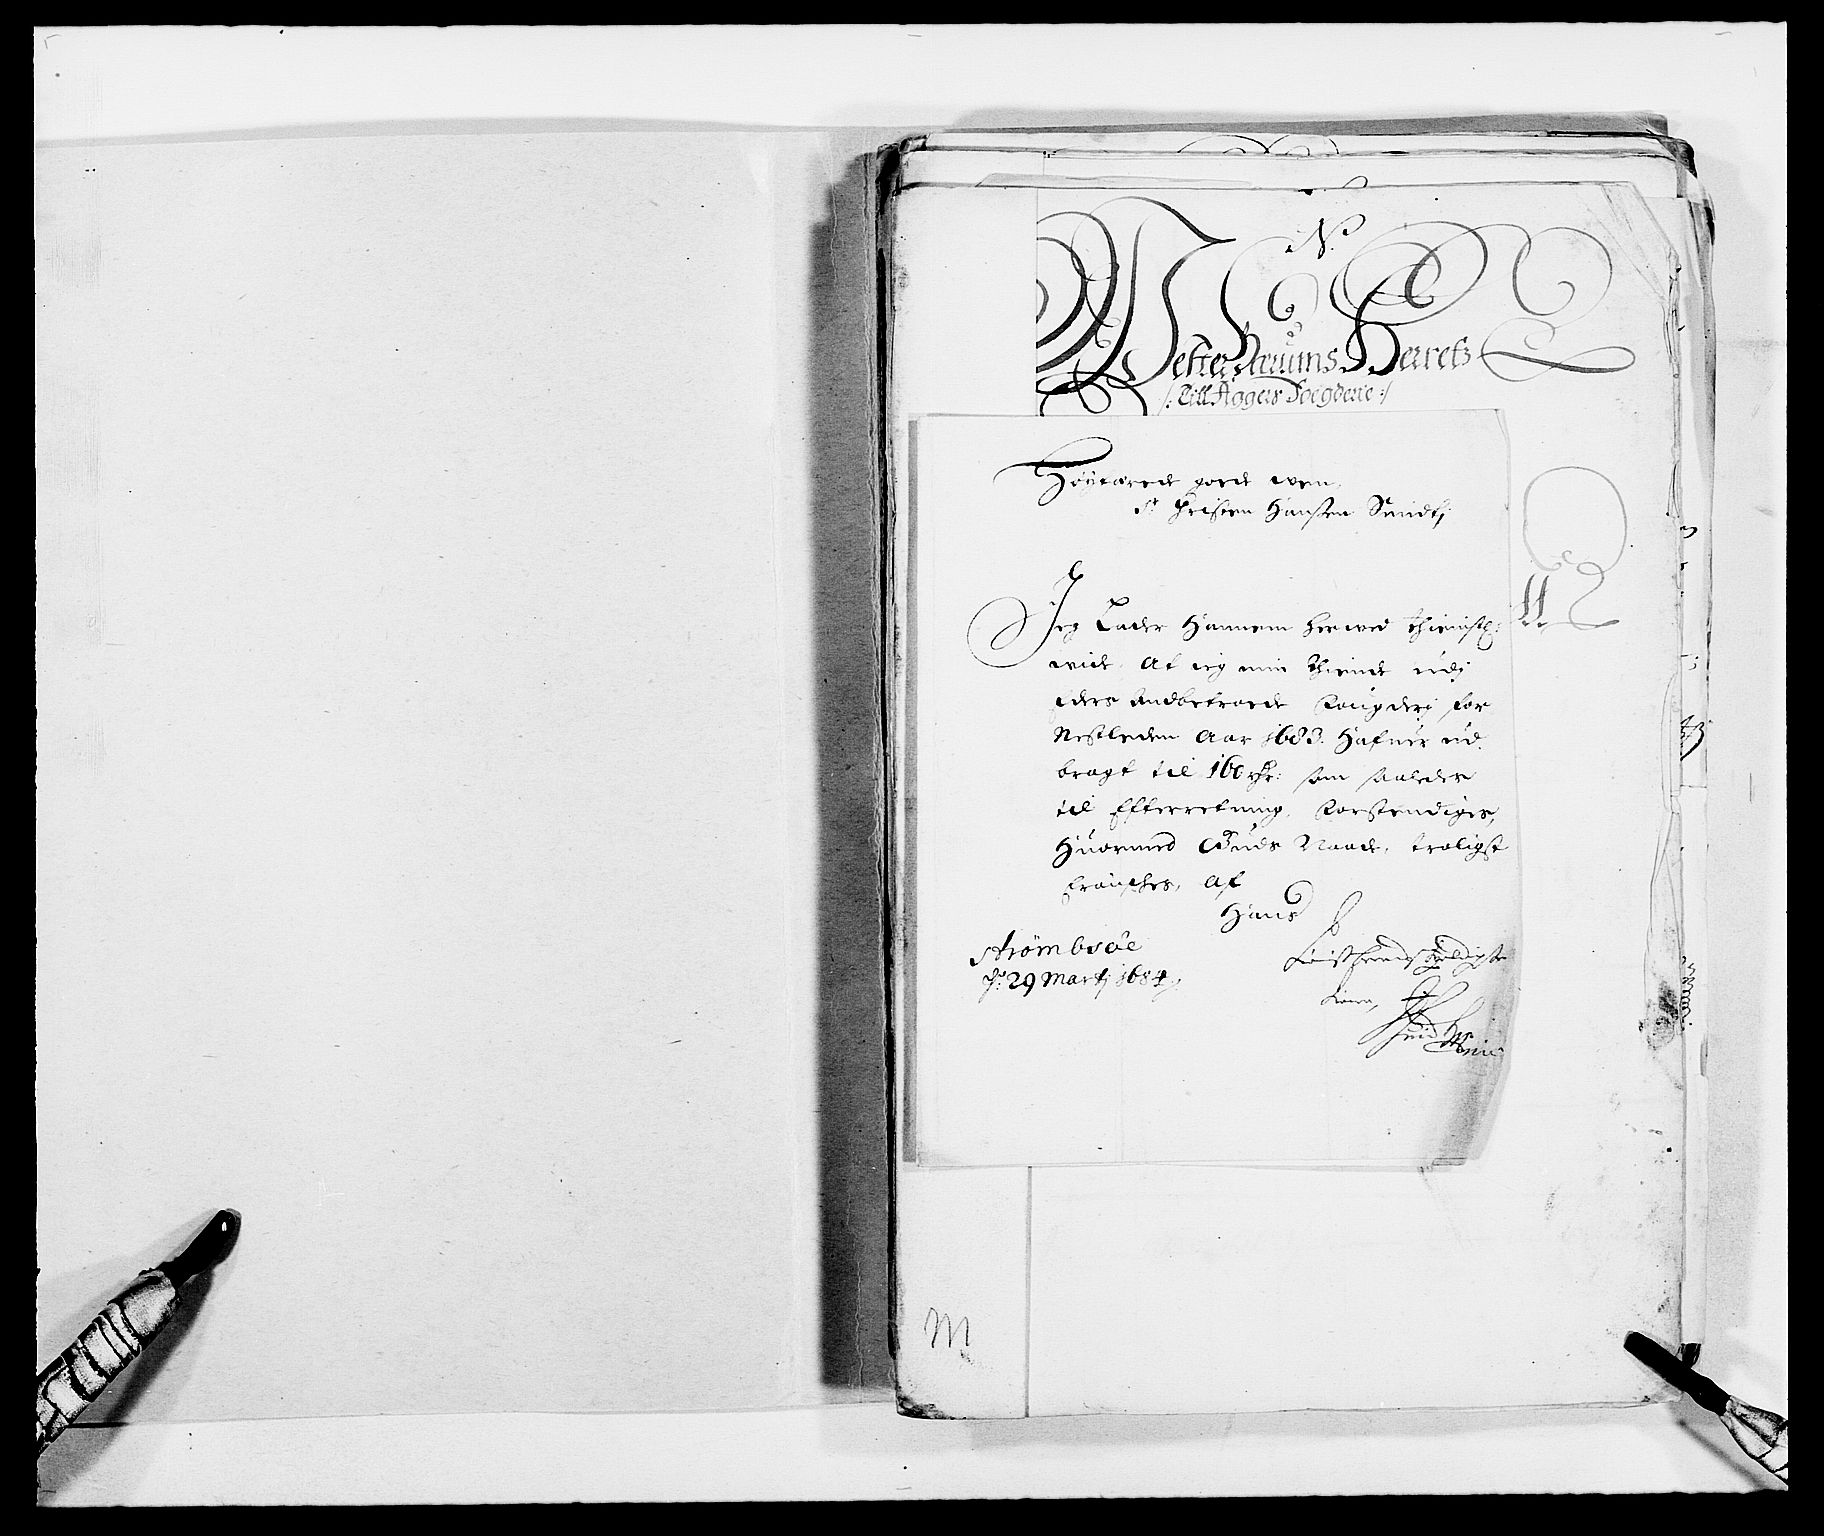 RA, Rentekammeret inntil 1814, Reviderte regnskaper, Fogderegnskap, R08/L0421: Fogderegnskap Aker, 1682-1683, s. 14